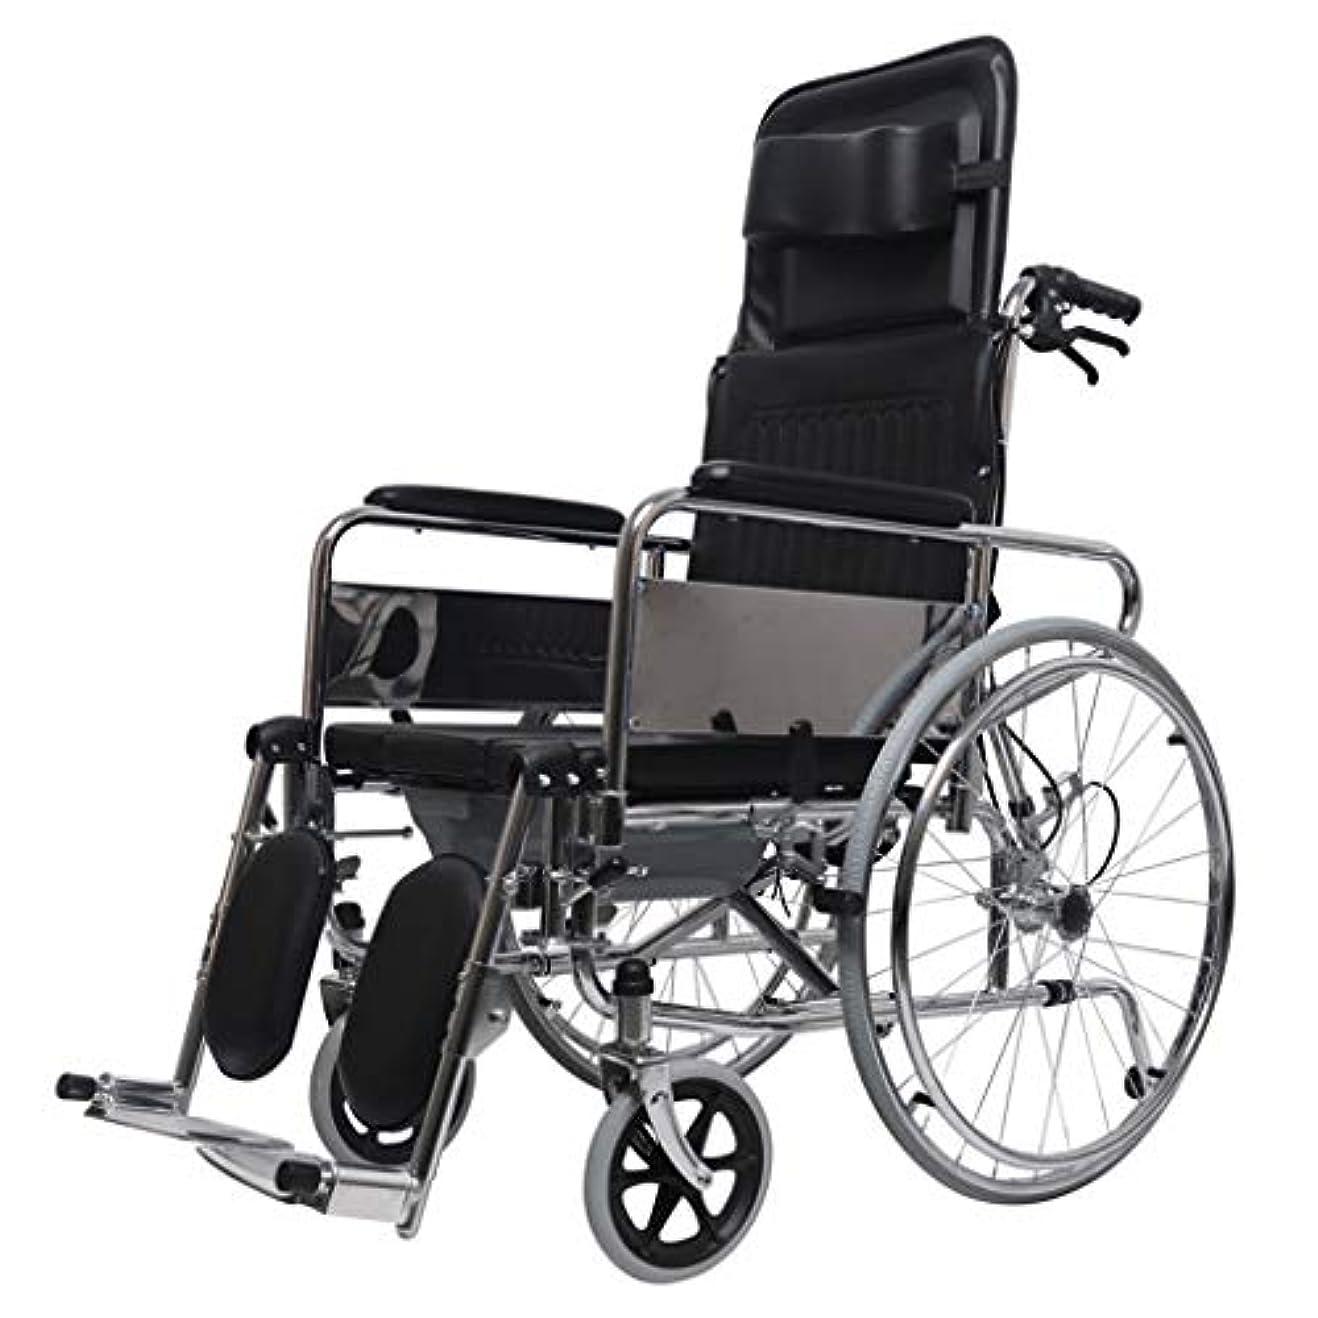 シェトランド諸島教育する影響力のある車椅子トロリー、ブレーキ付き多機能折りたたみ、高齢者向け車椅子、屋外旅行、優れたヘルパー